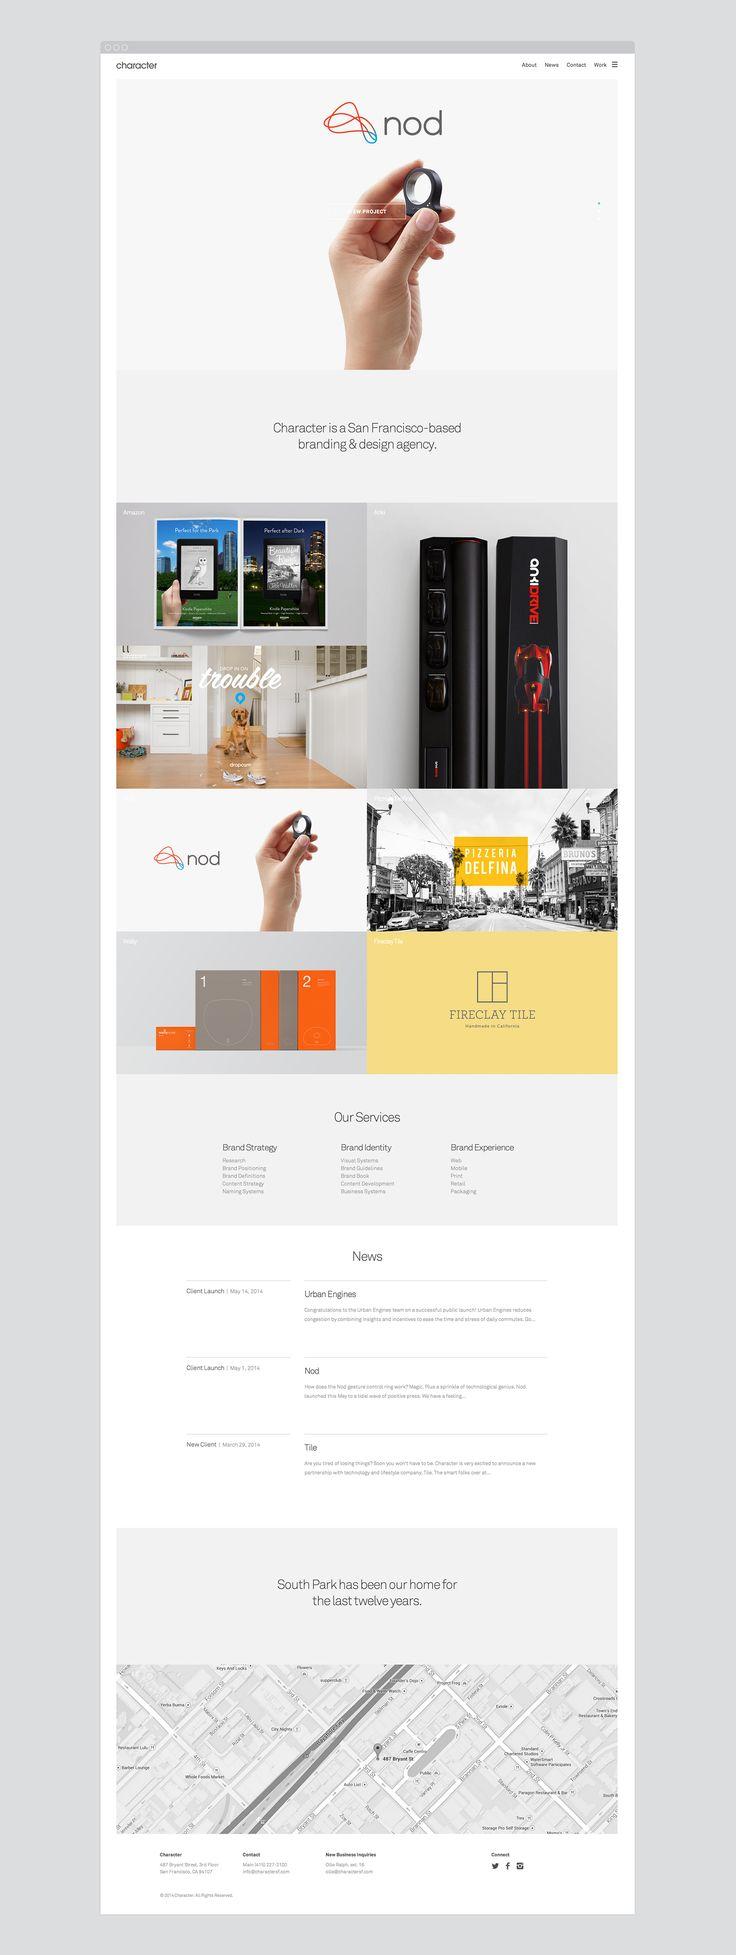 102 best web design images on pinterest | website designs, ux